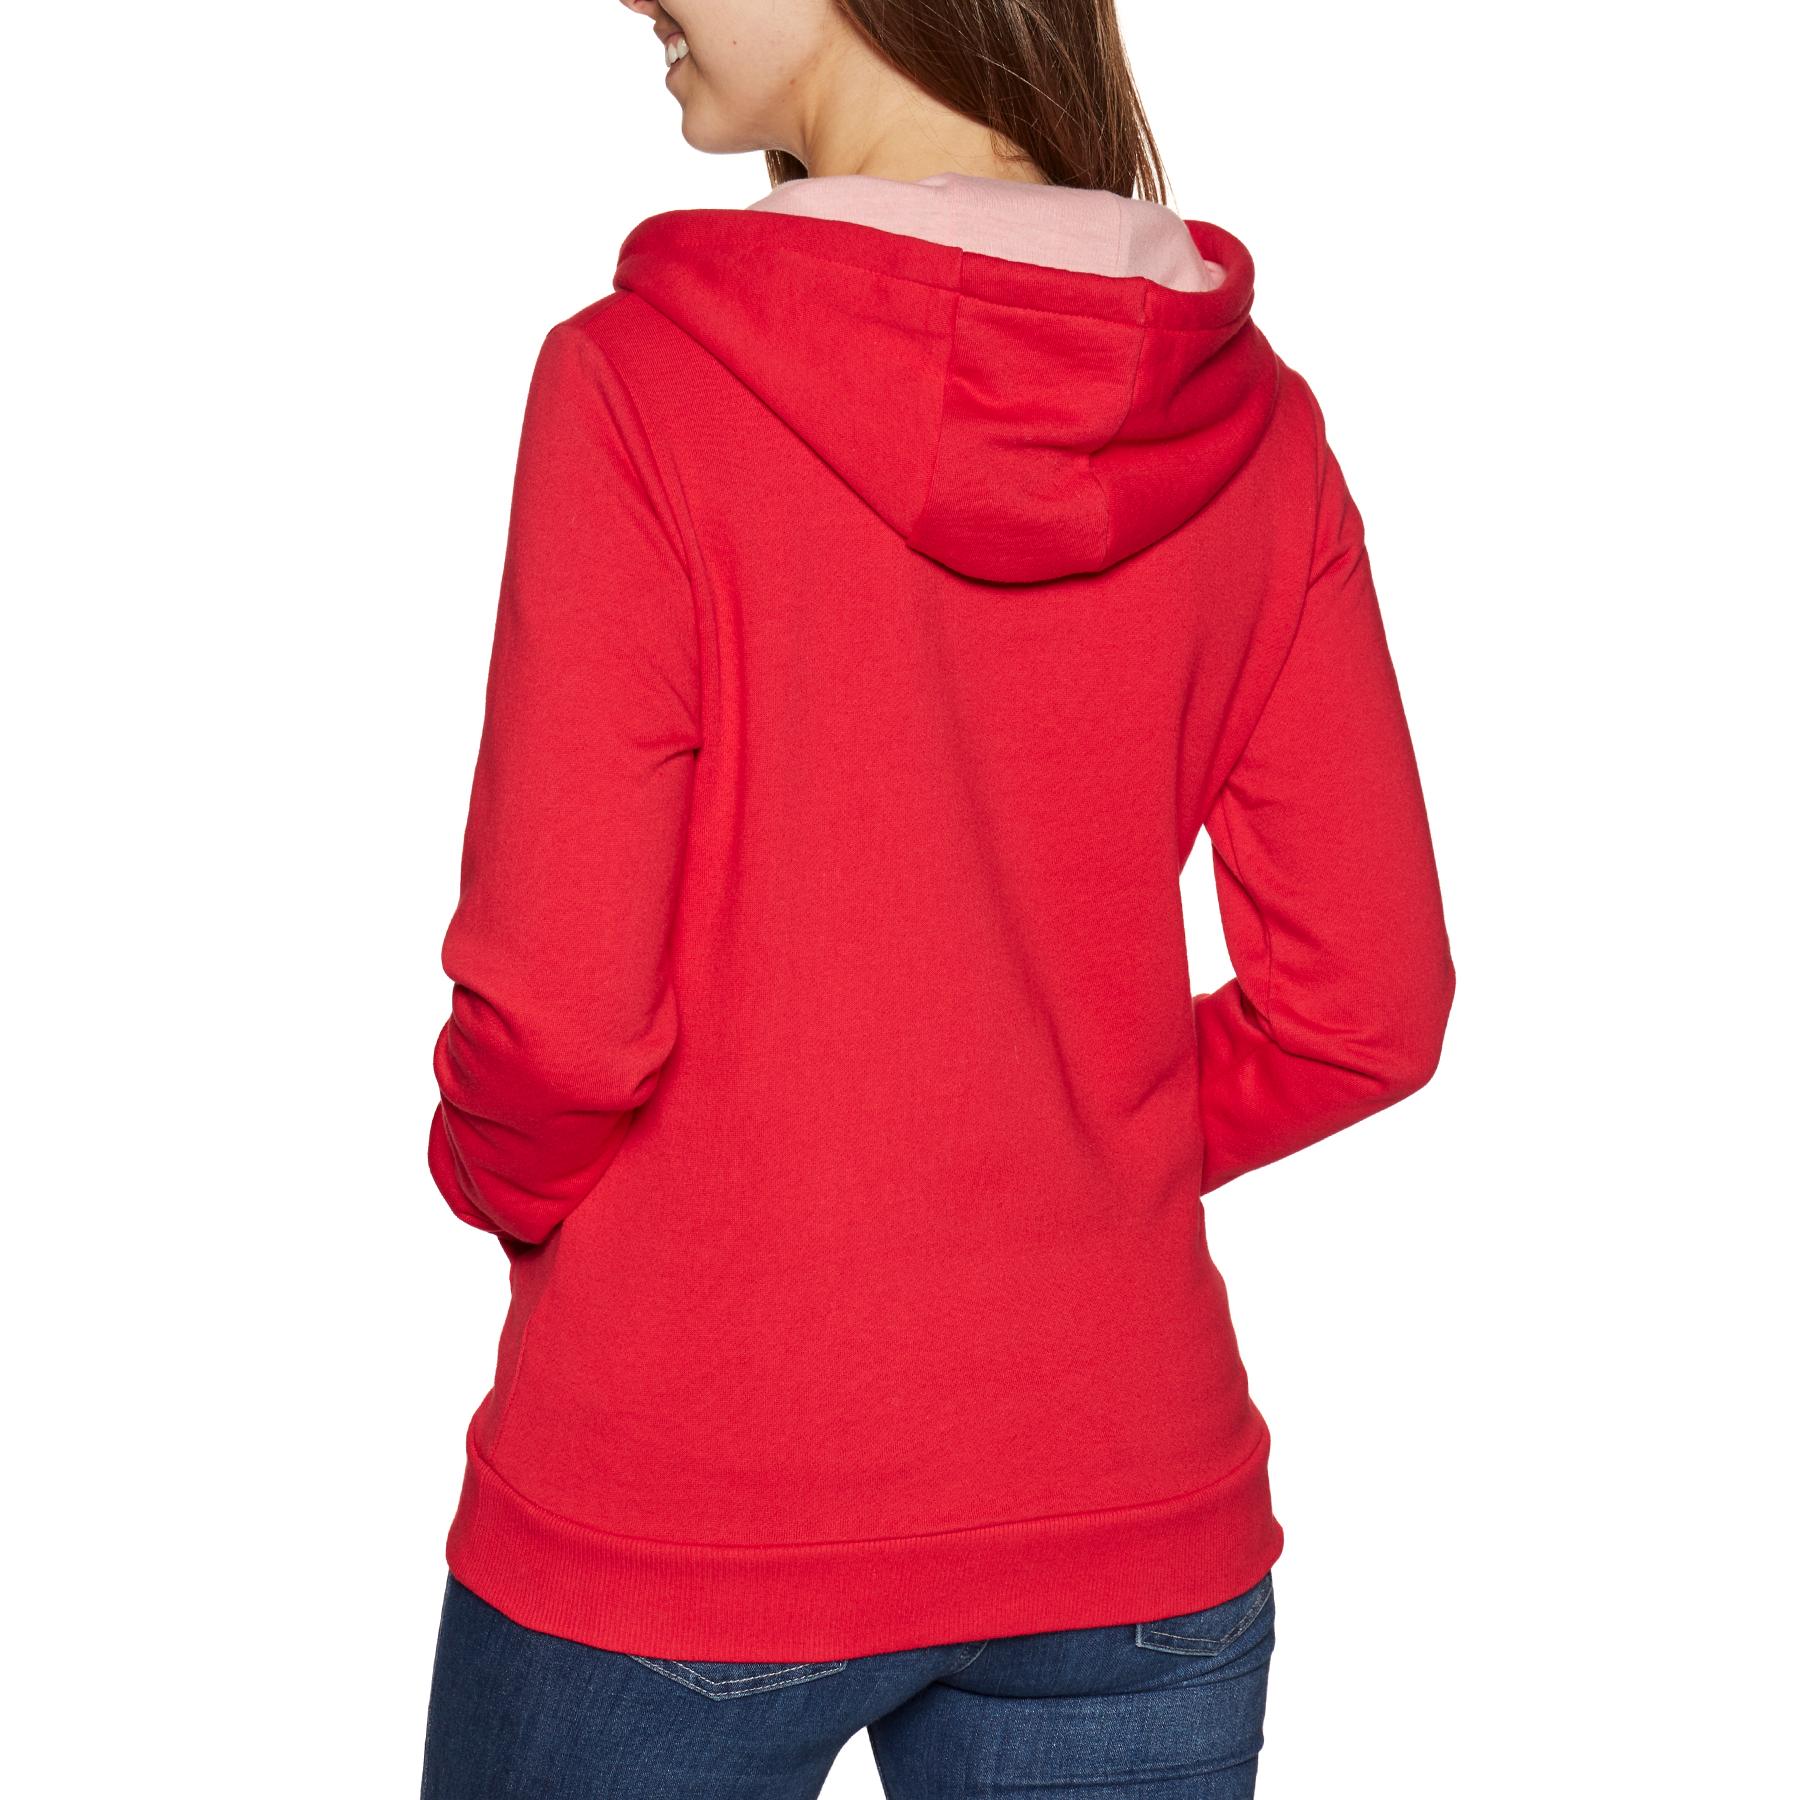 Rip Curl Neon Fleece Pullover Hoody